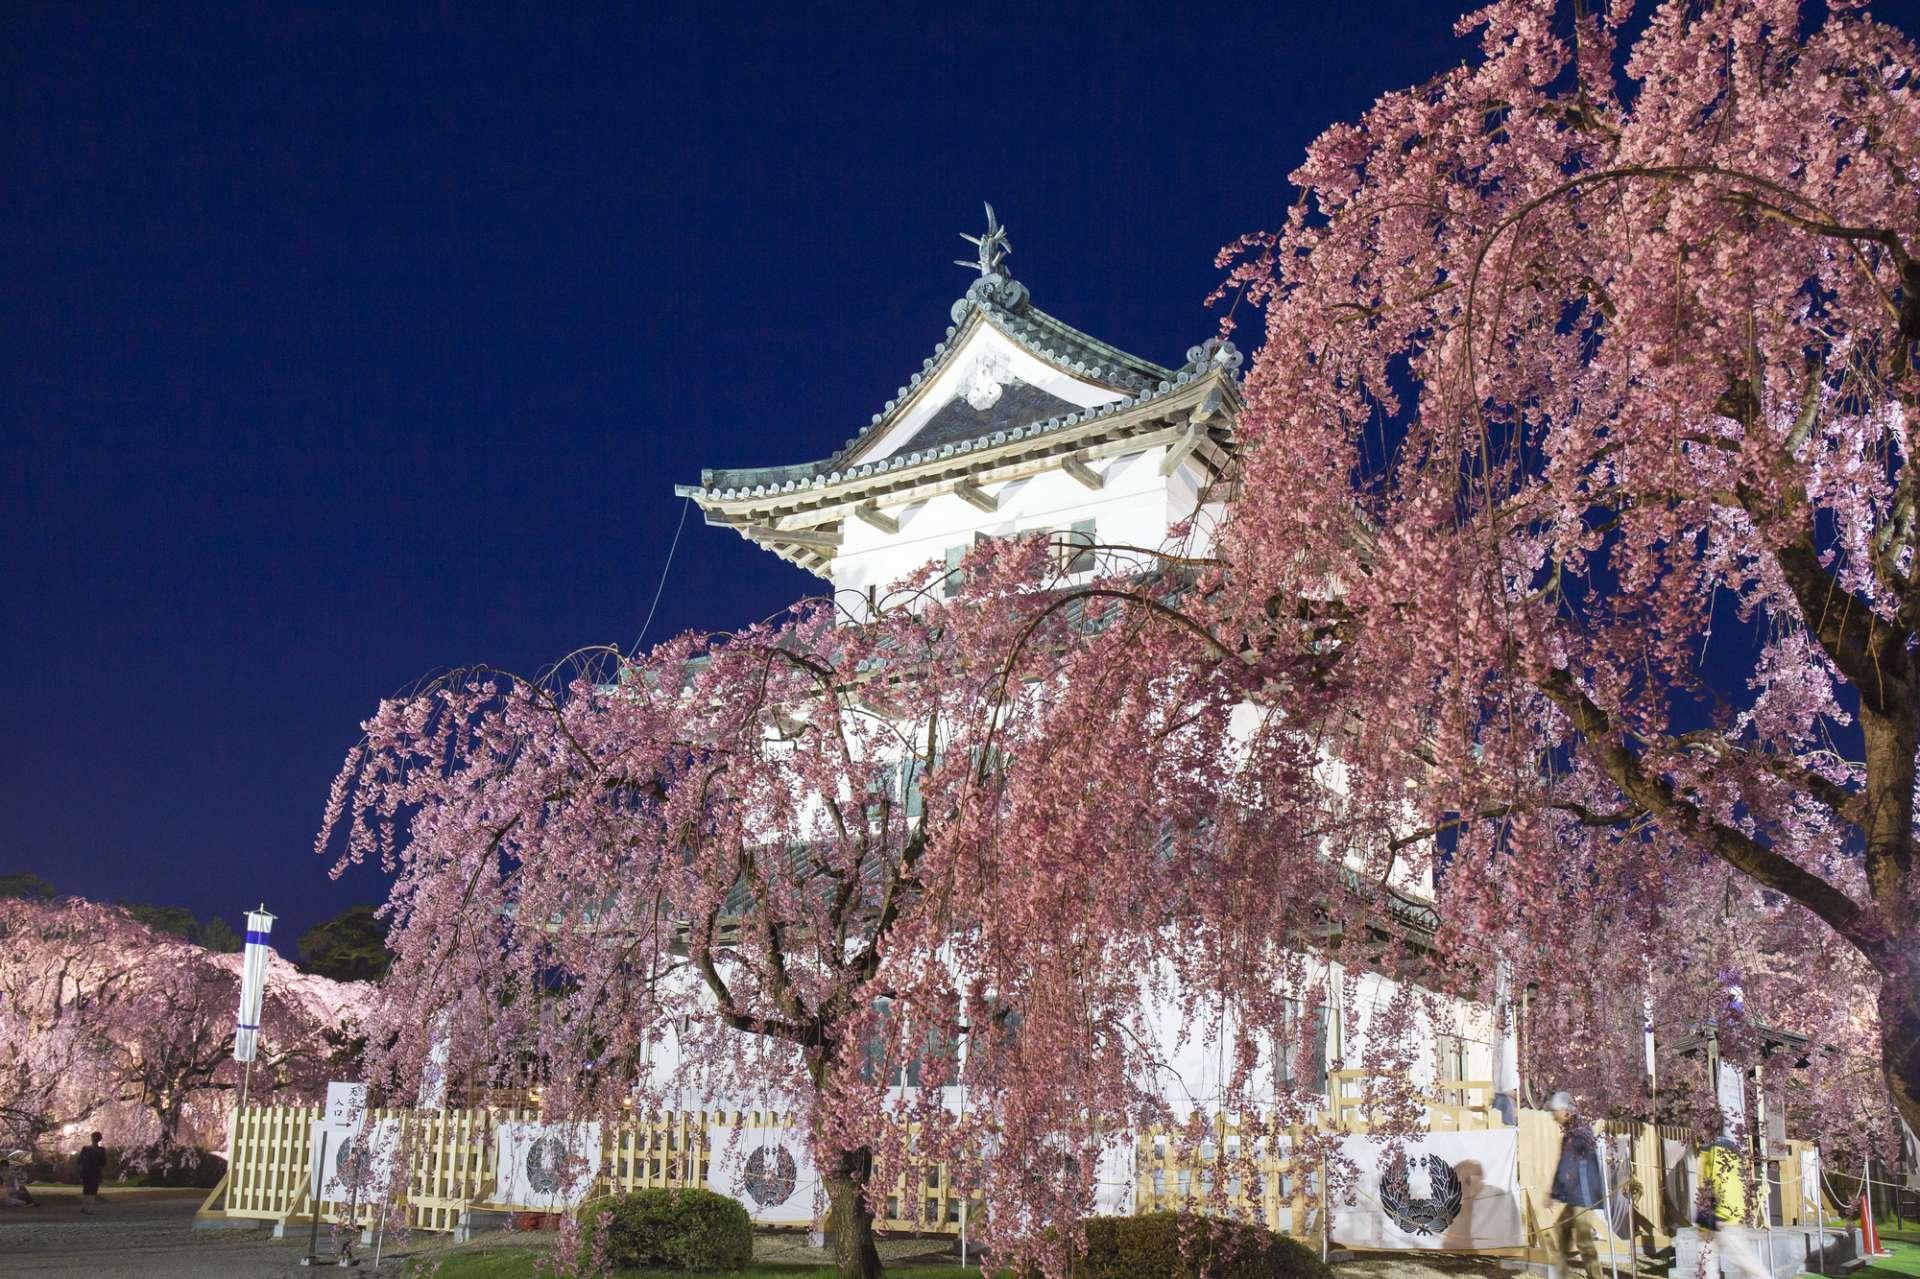 弘前城與櫻花(石牆正在修復中)